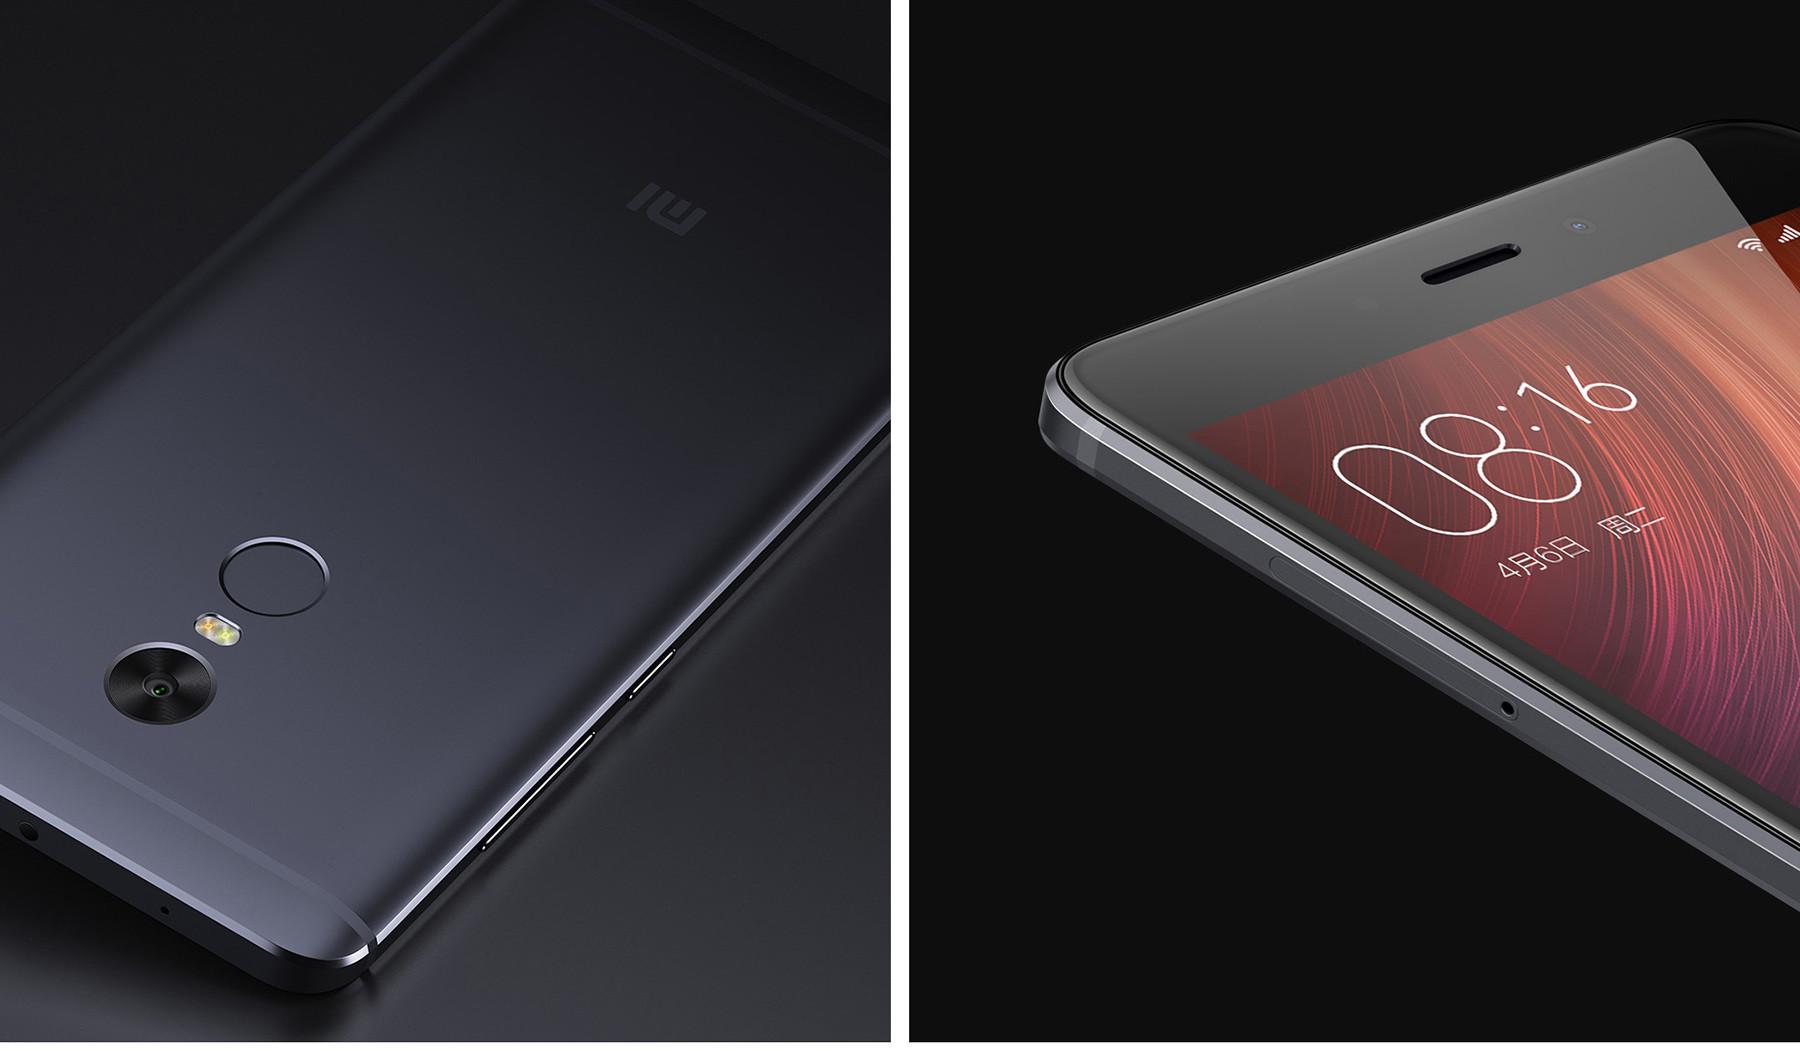 Xiaomi redmi note 4 und mi5 als internationale versionen for Housse xiaomi redmi note 4